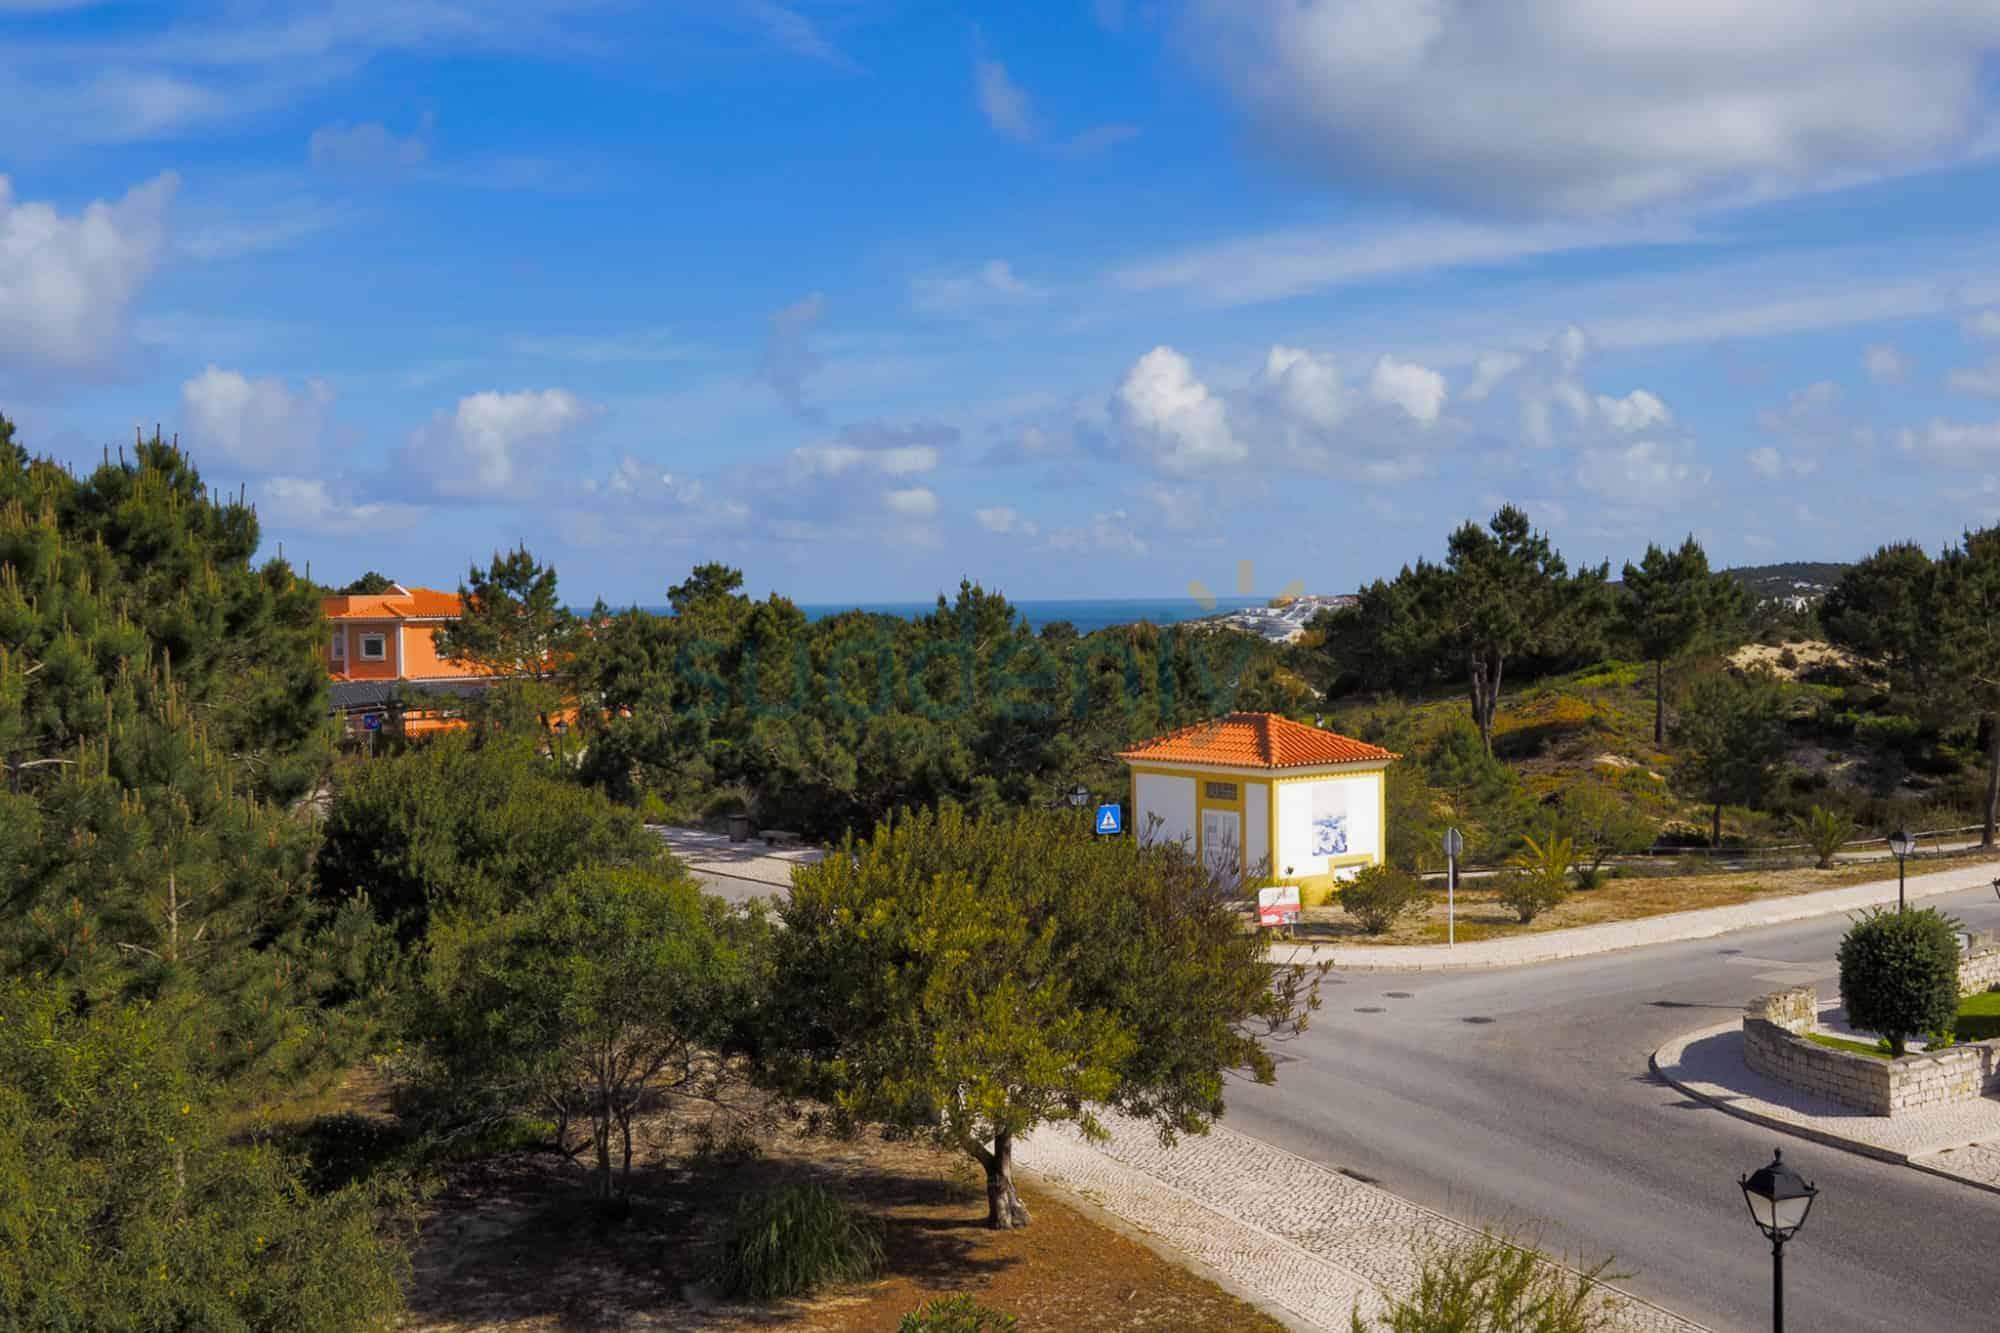 Holiday Rentals in Praia D'El Rey 120